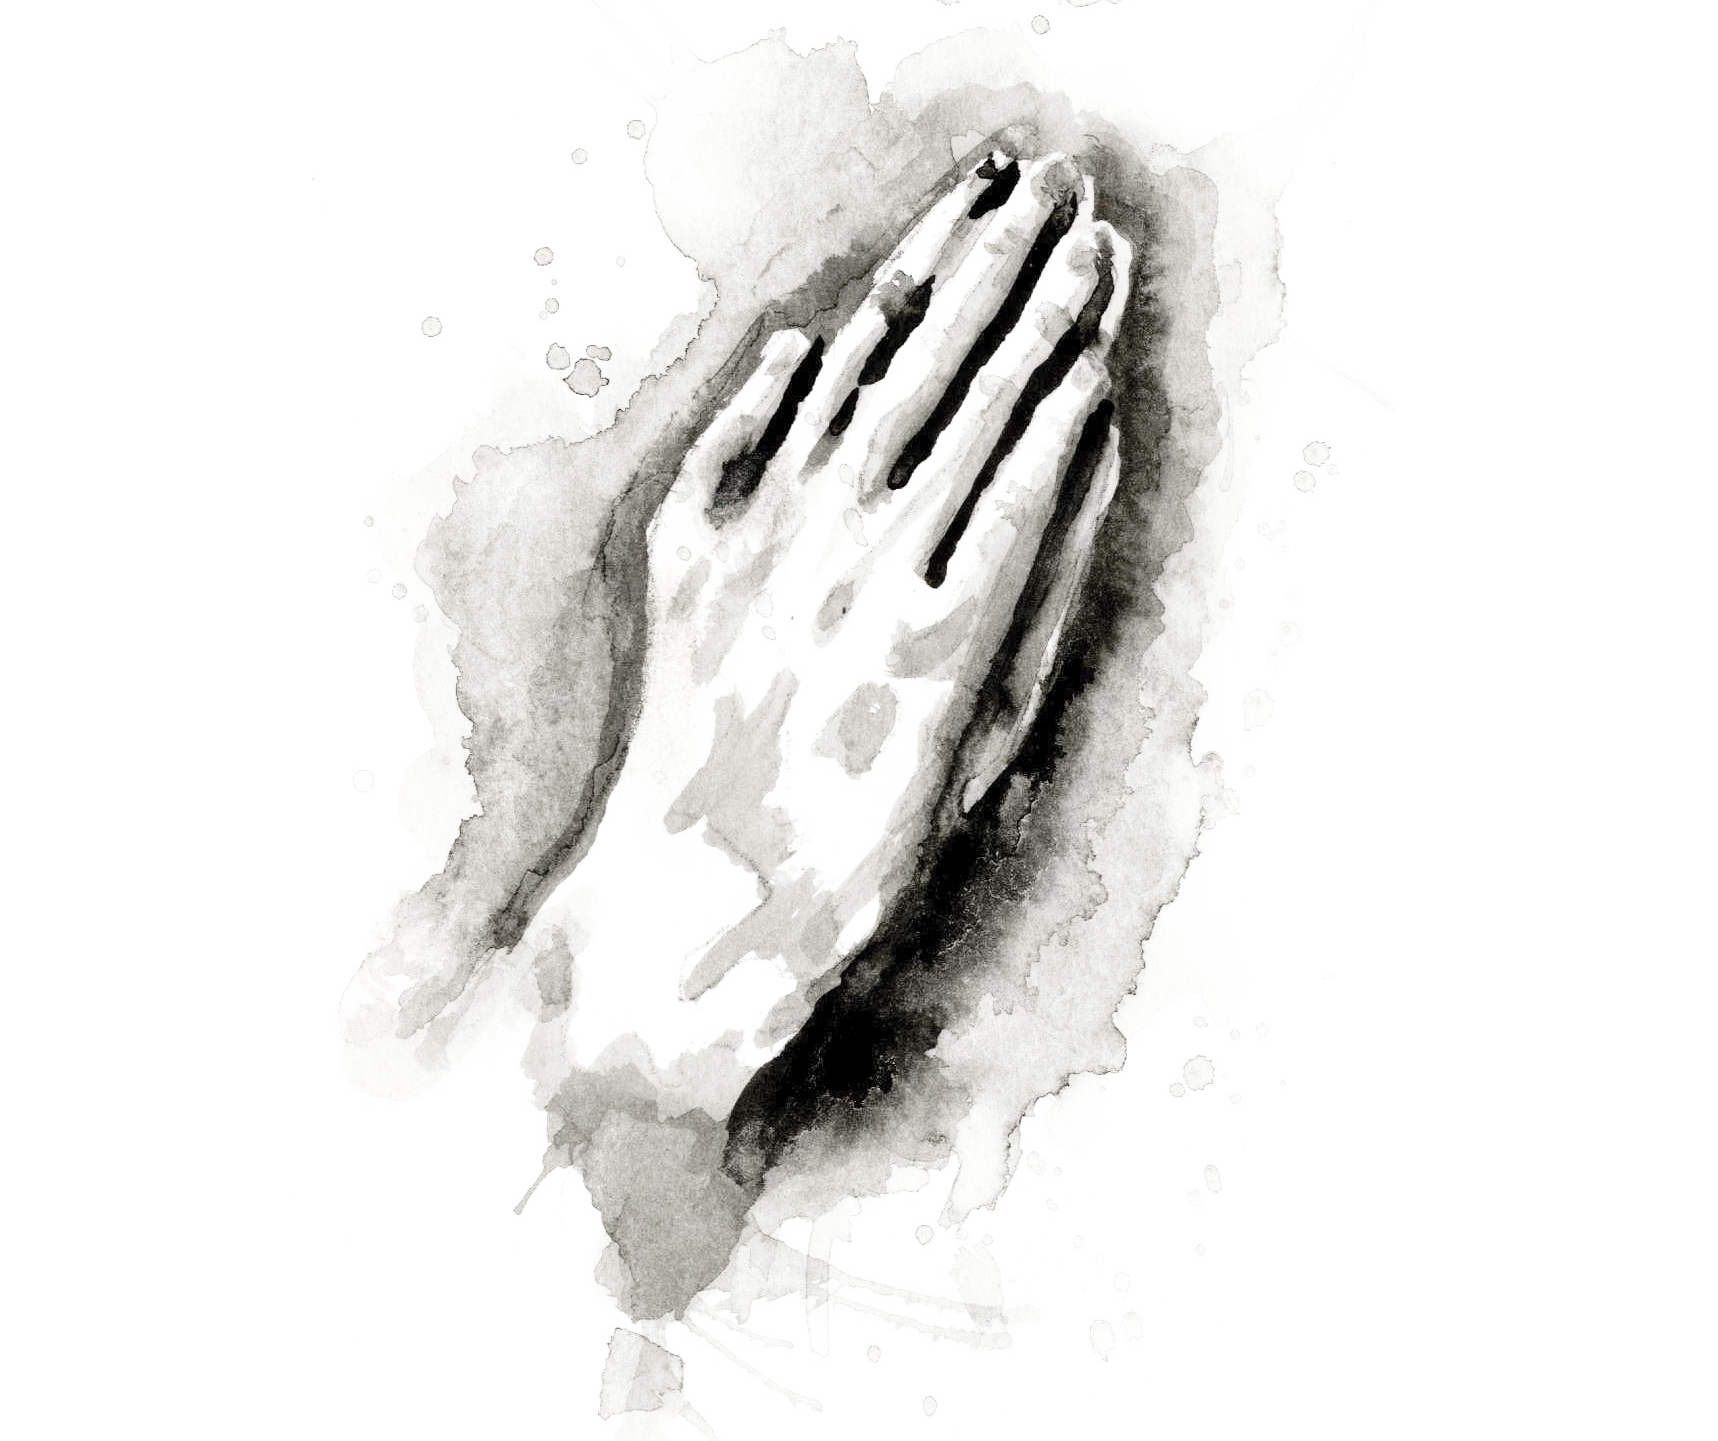 11838-Praying-hands.png